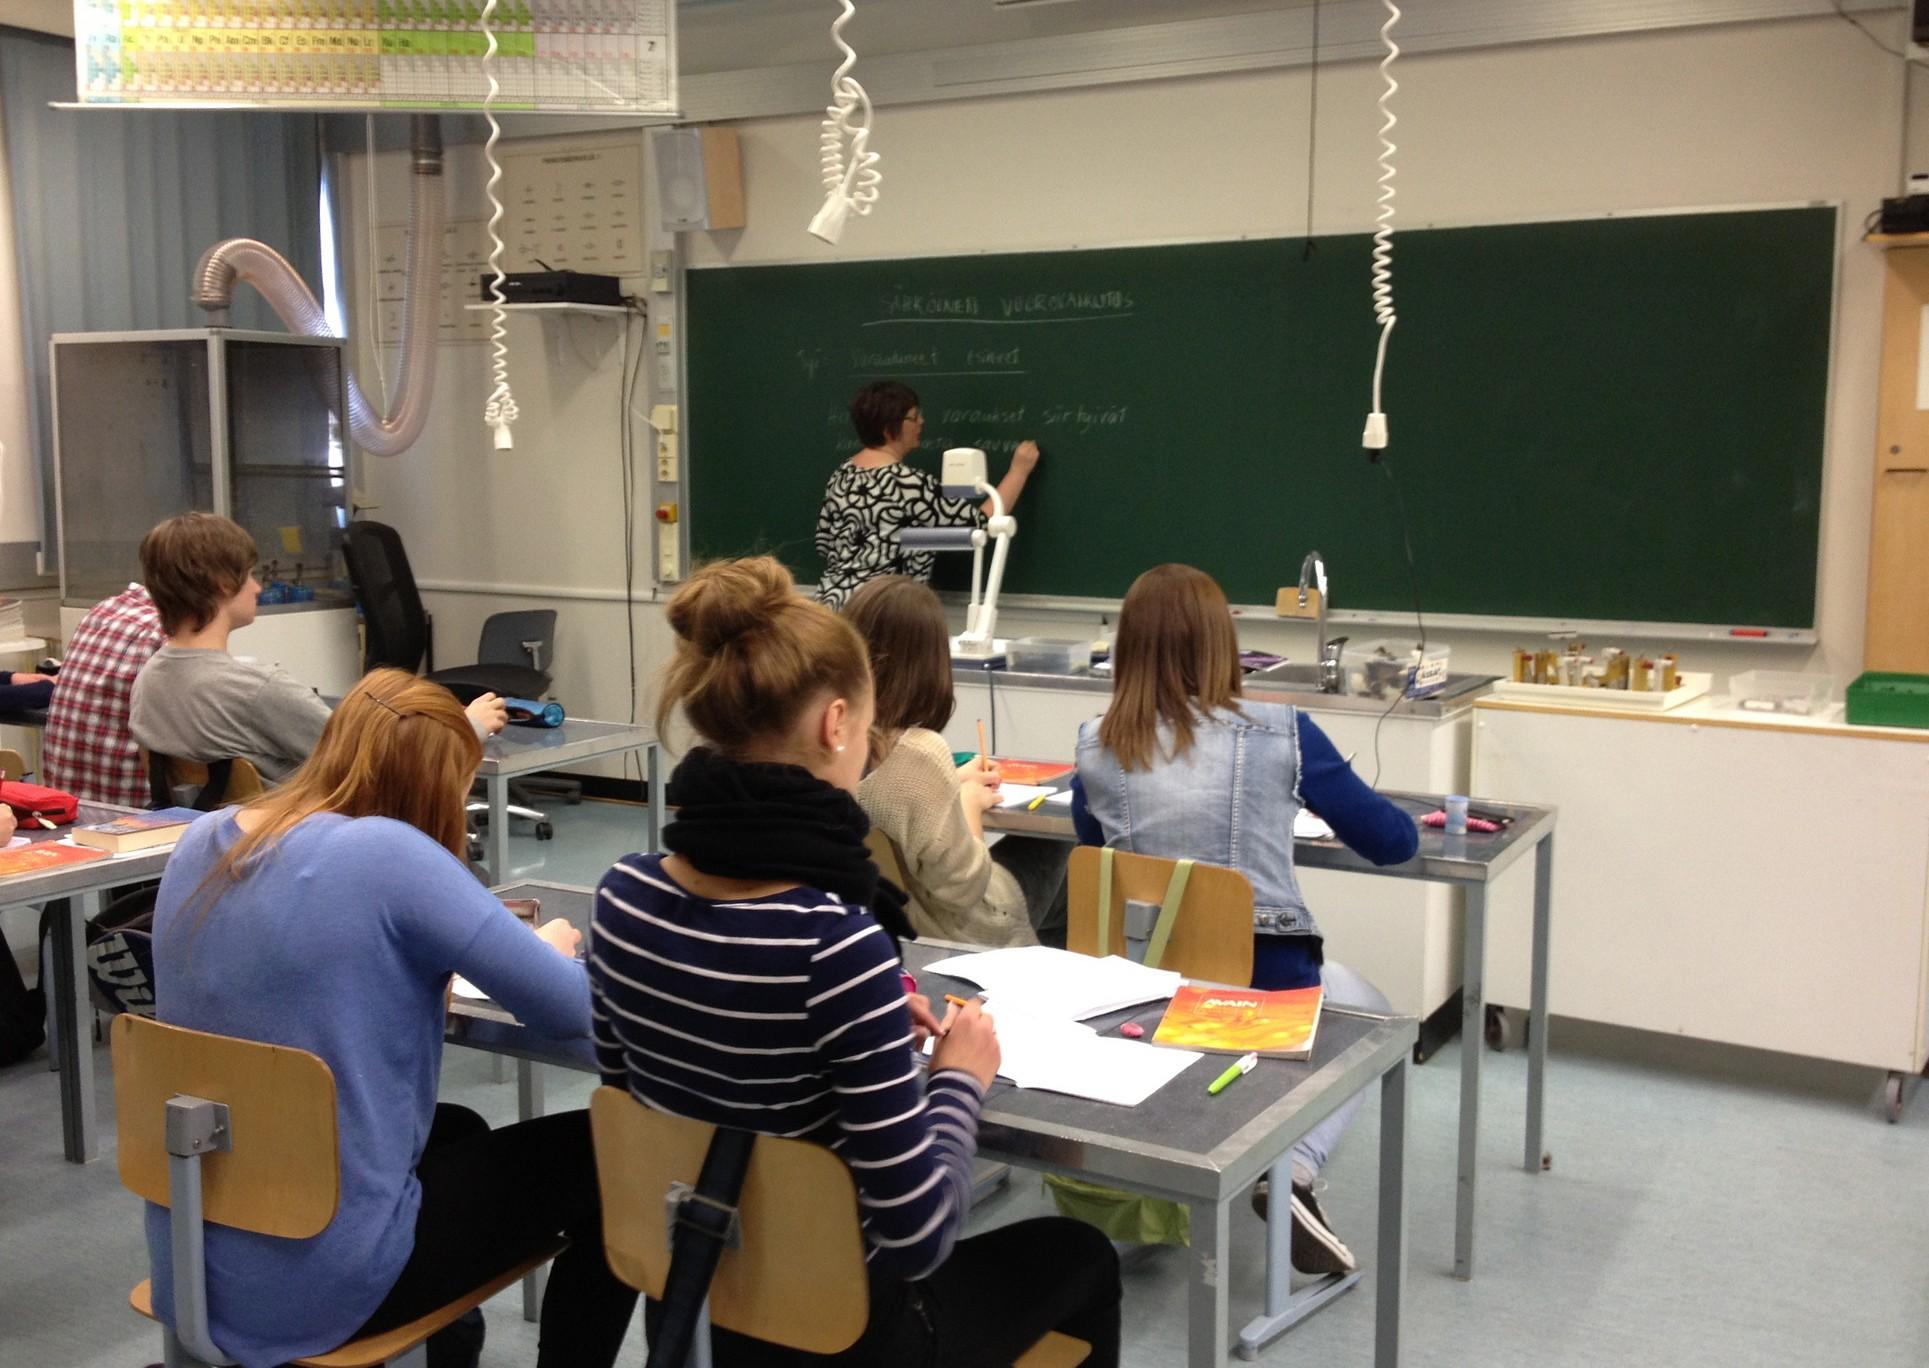 Método já vem sendo testado com alunos de 16 anos na cidade (Foto: Kevin Oliver/Flickr/Creative Commons)